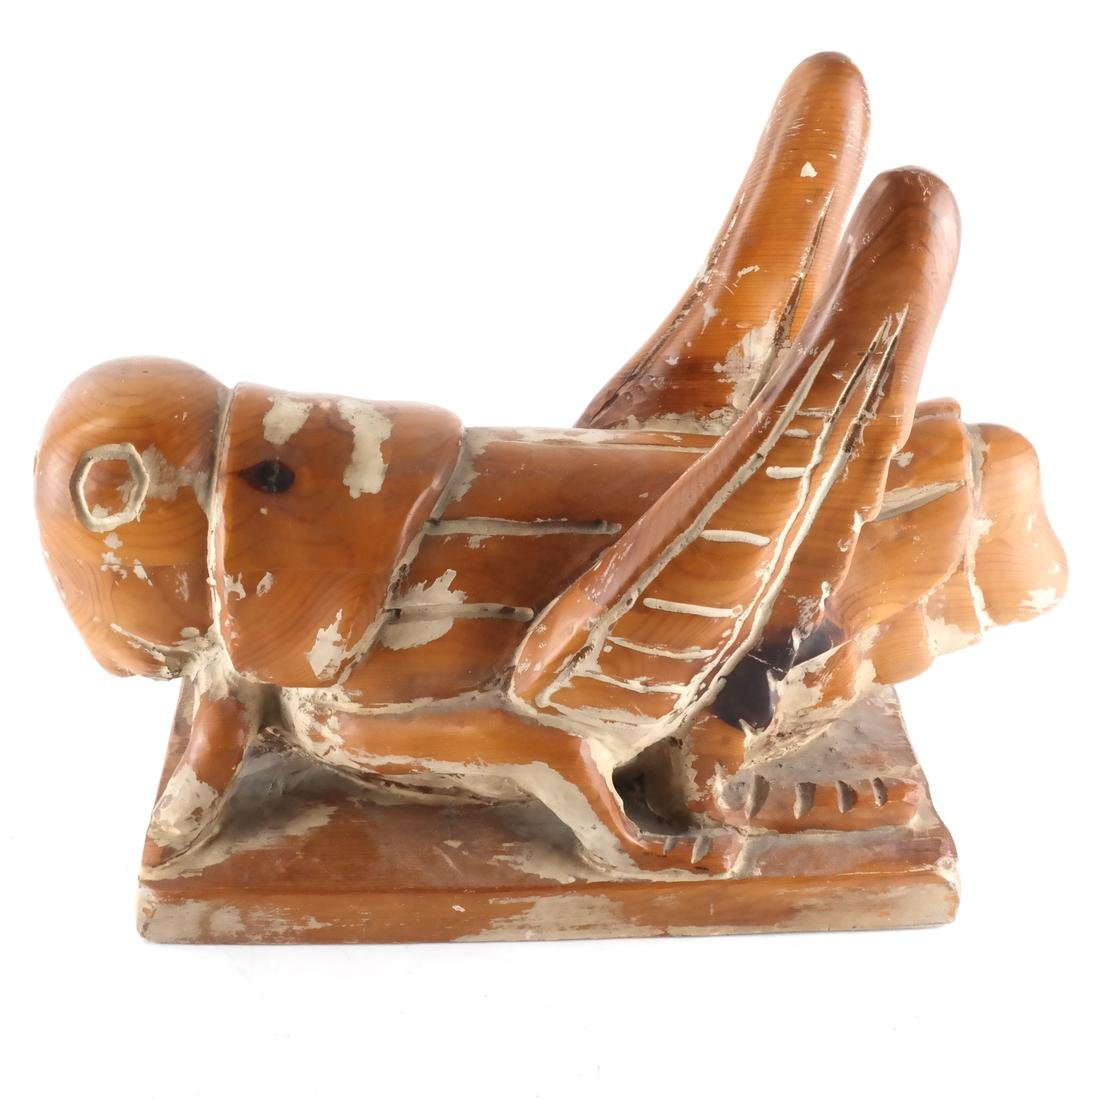 Folk Art Carved Wood Sculpture - 3